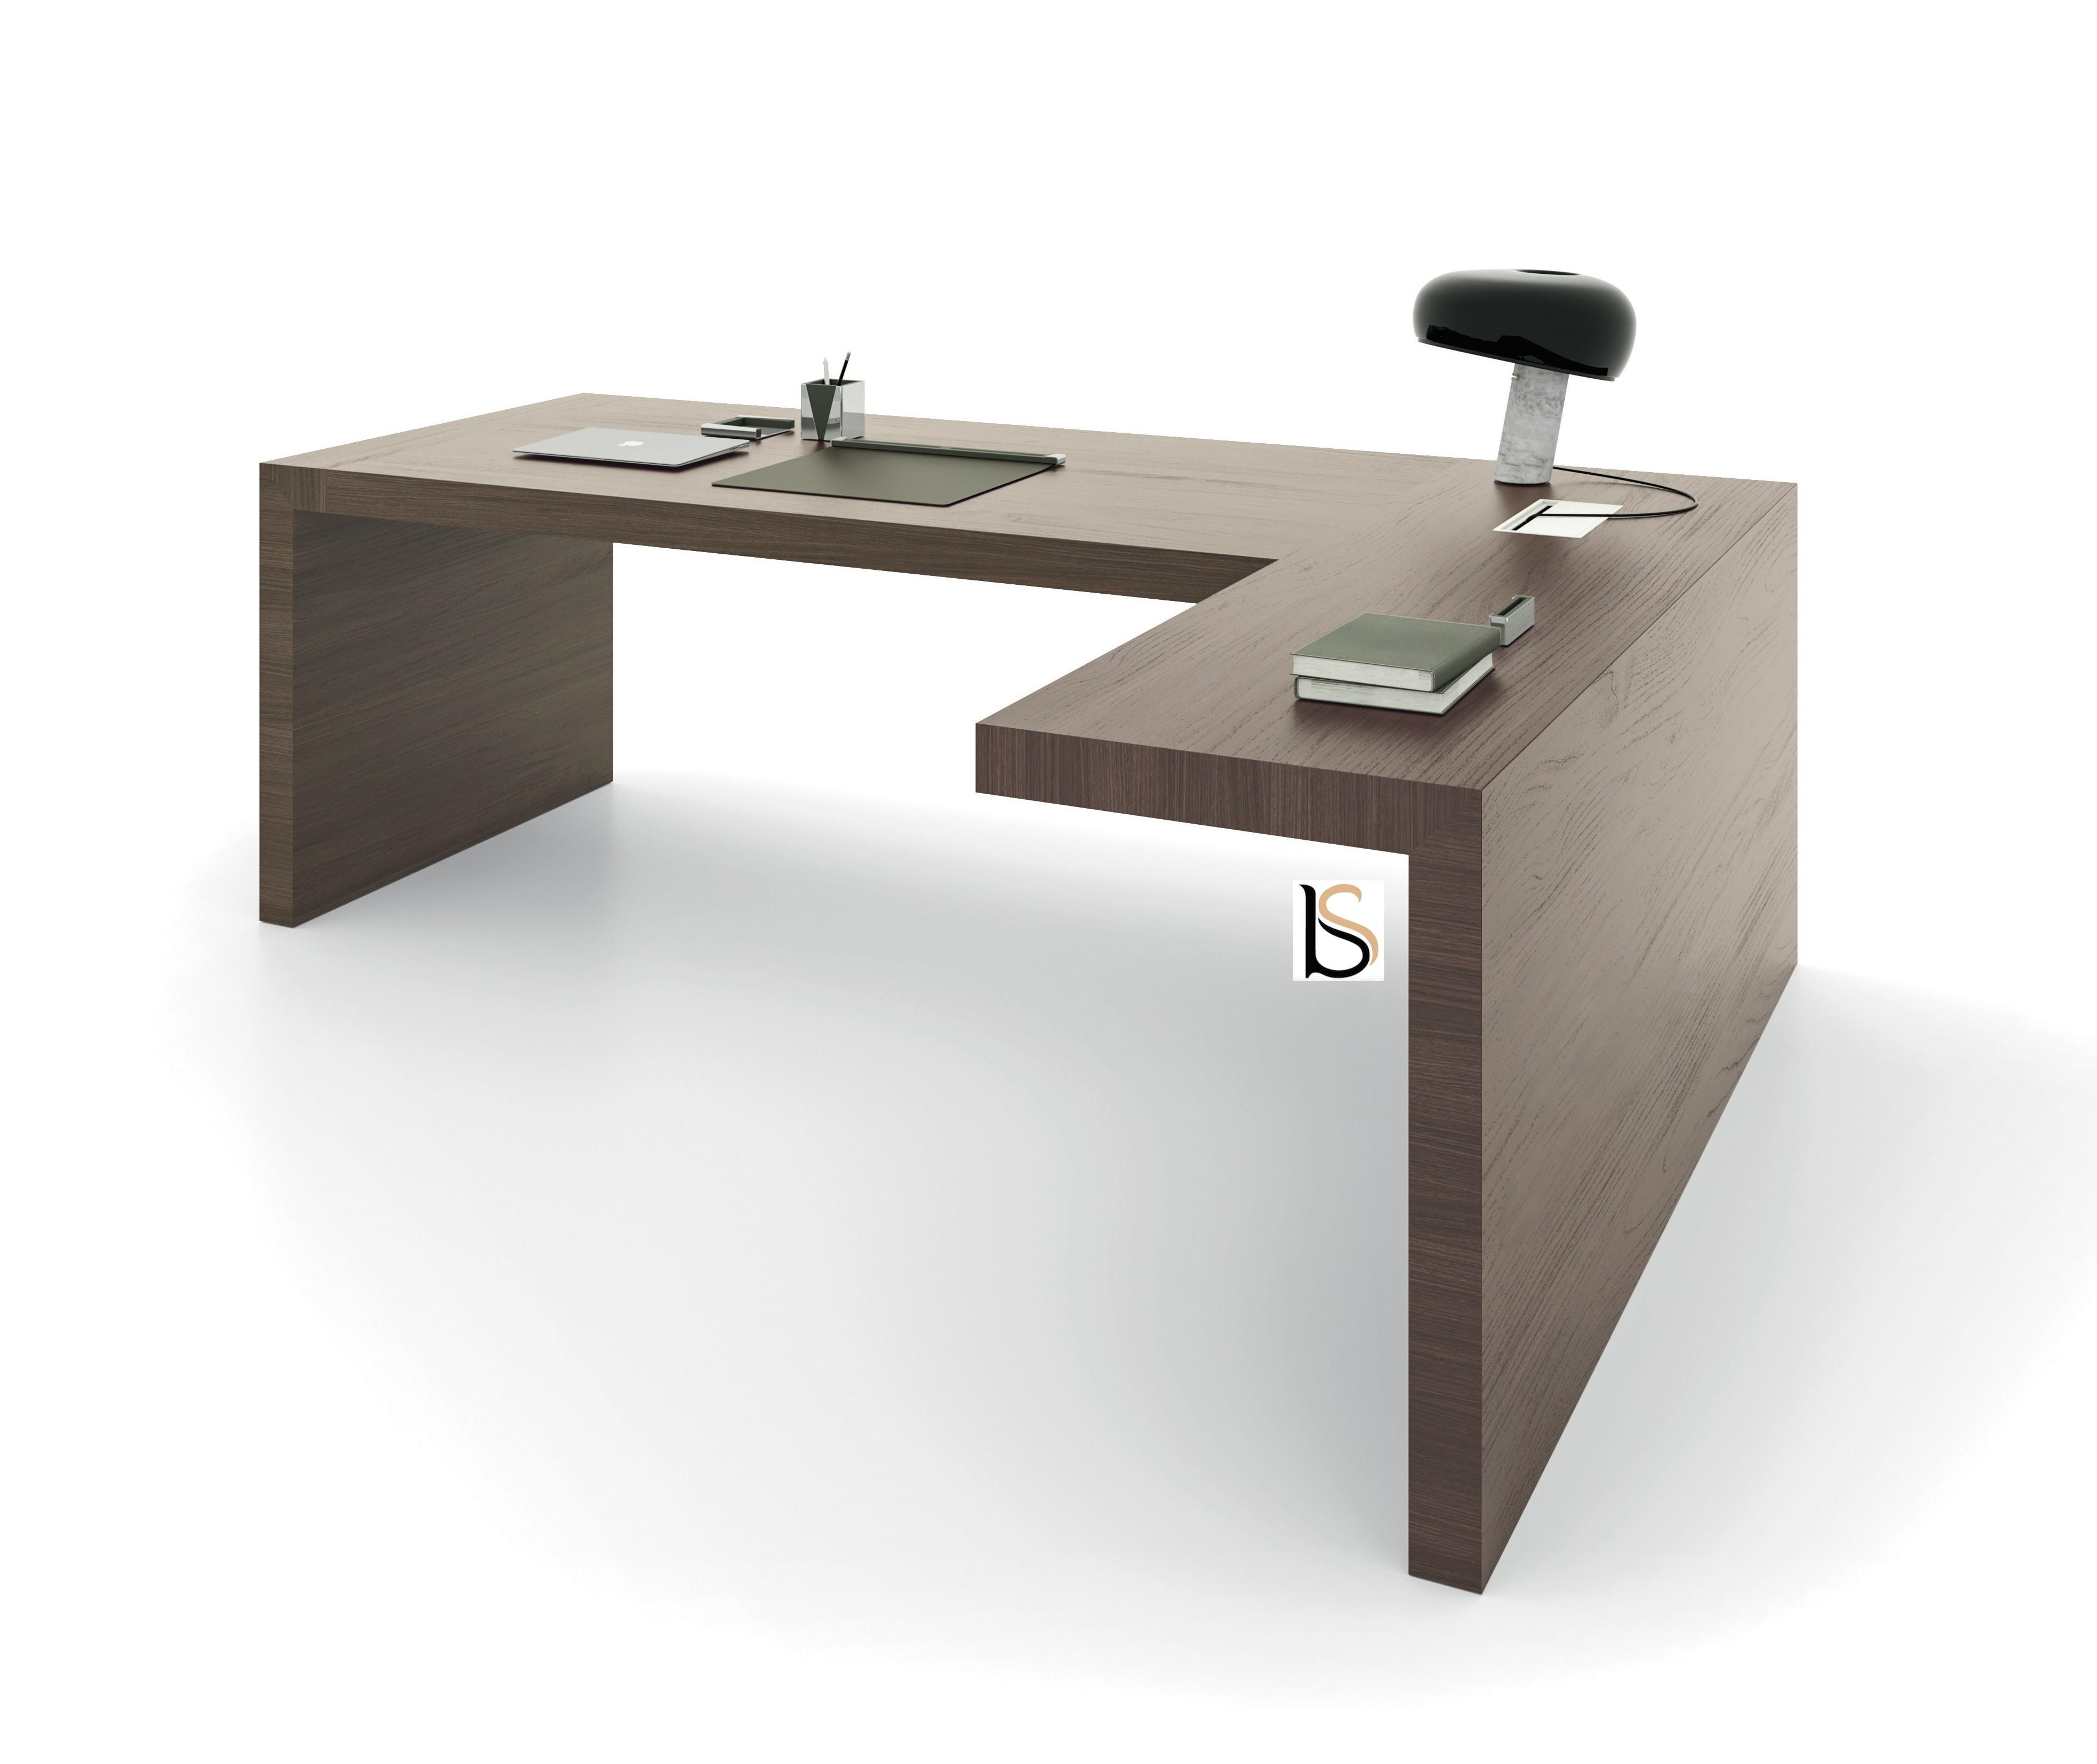 bureau de direction avec retour kyo light martex bureaux de dire. Black Bedroom Furniture Sets. Home Design Ideas